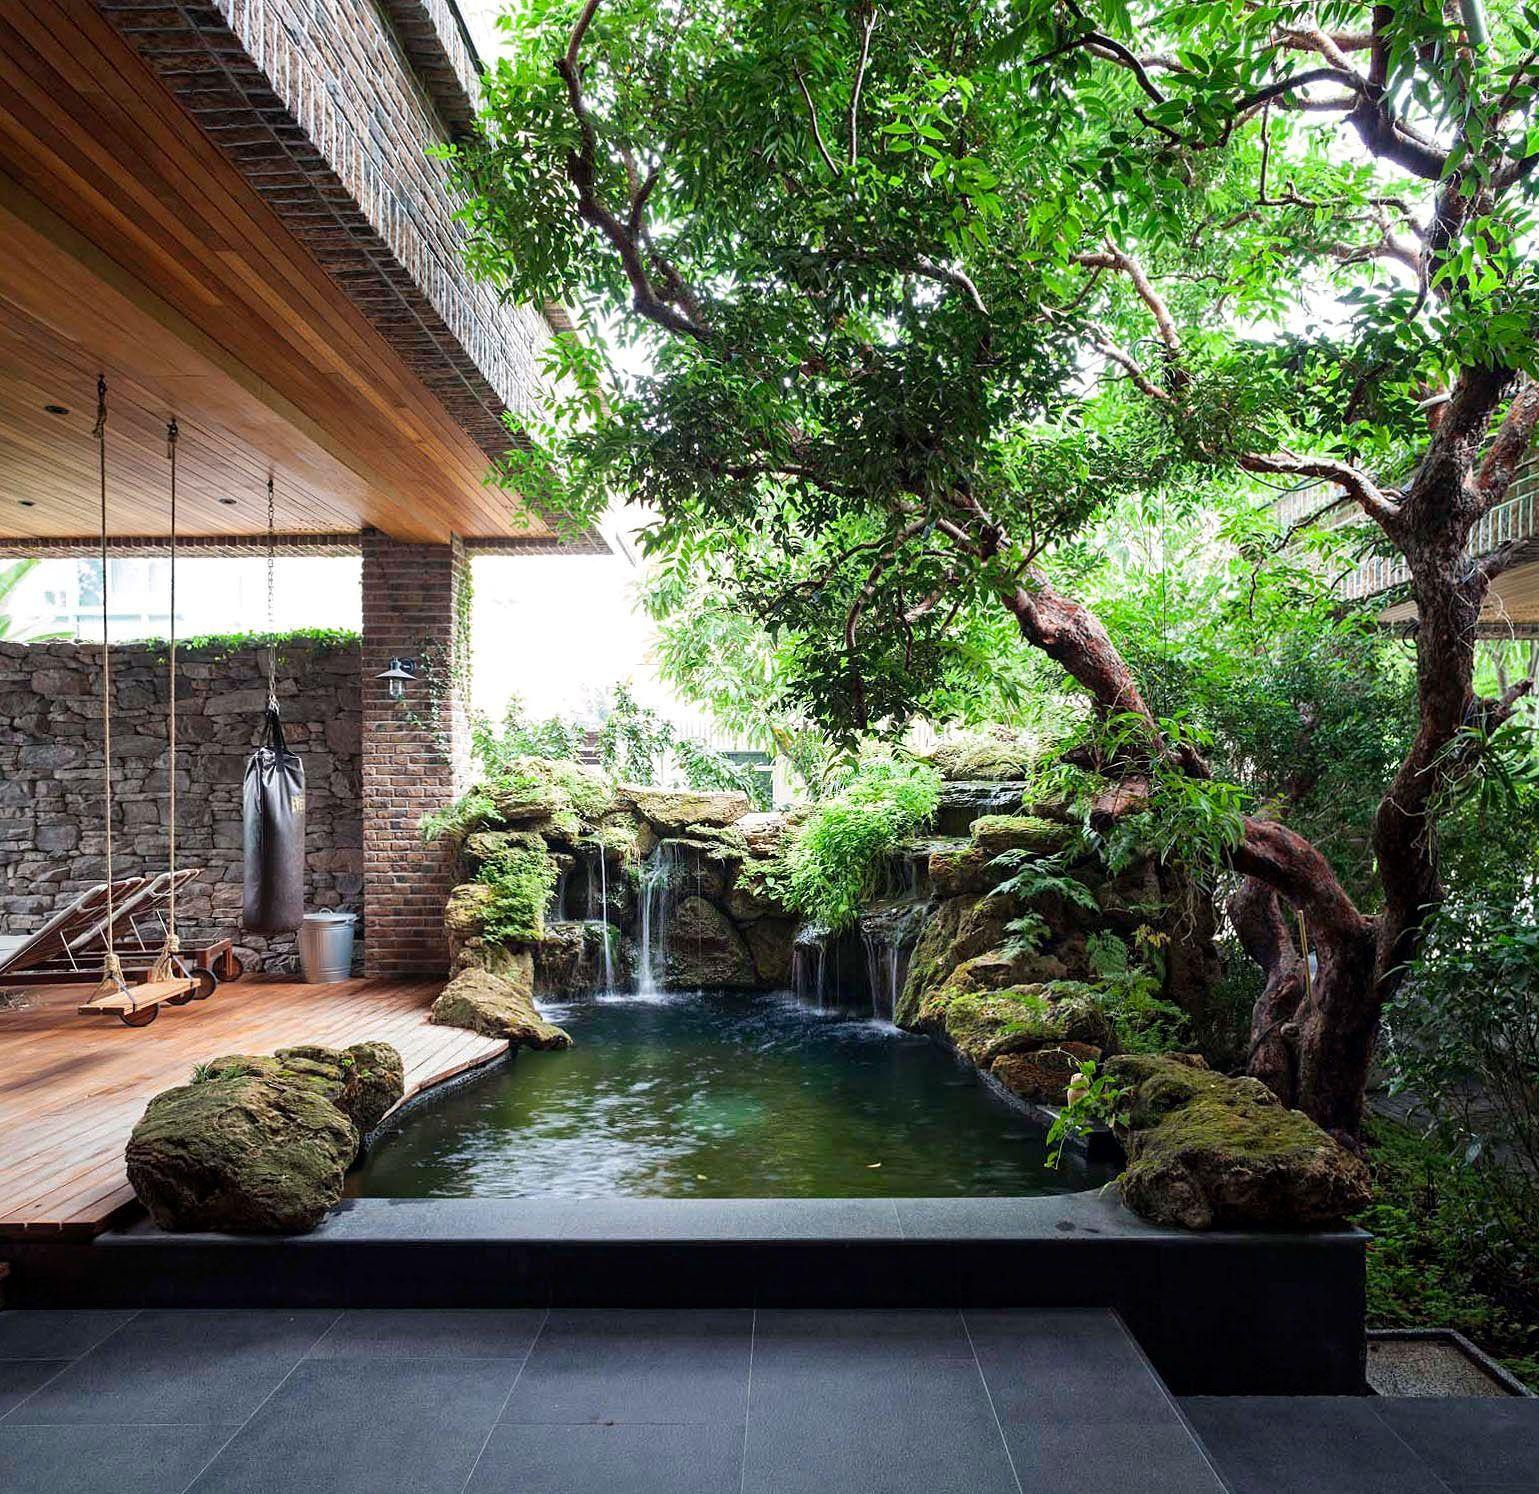 Backyard Pool Pictures Bakyardpoolideas Desain Lanskap Kolam Halaman Belakang Taman Interior